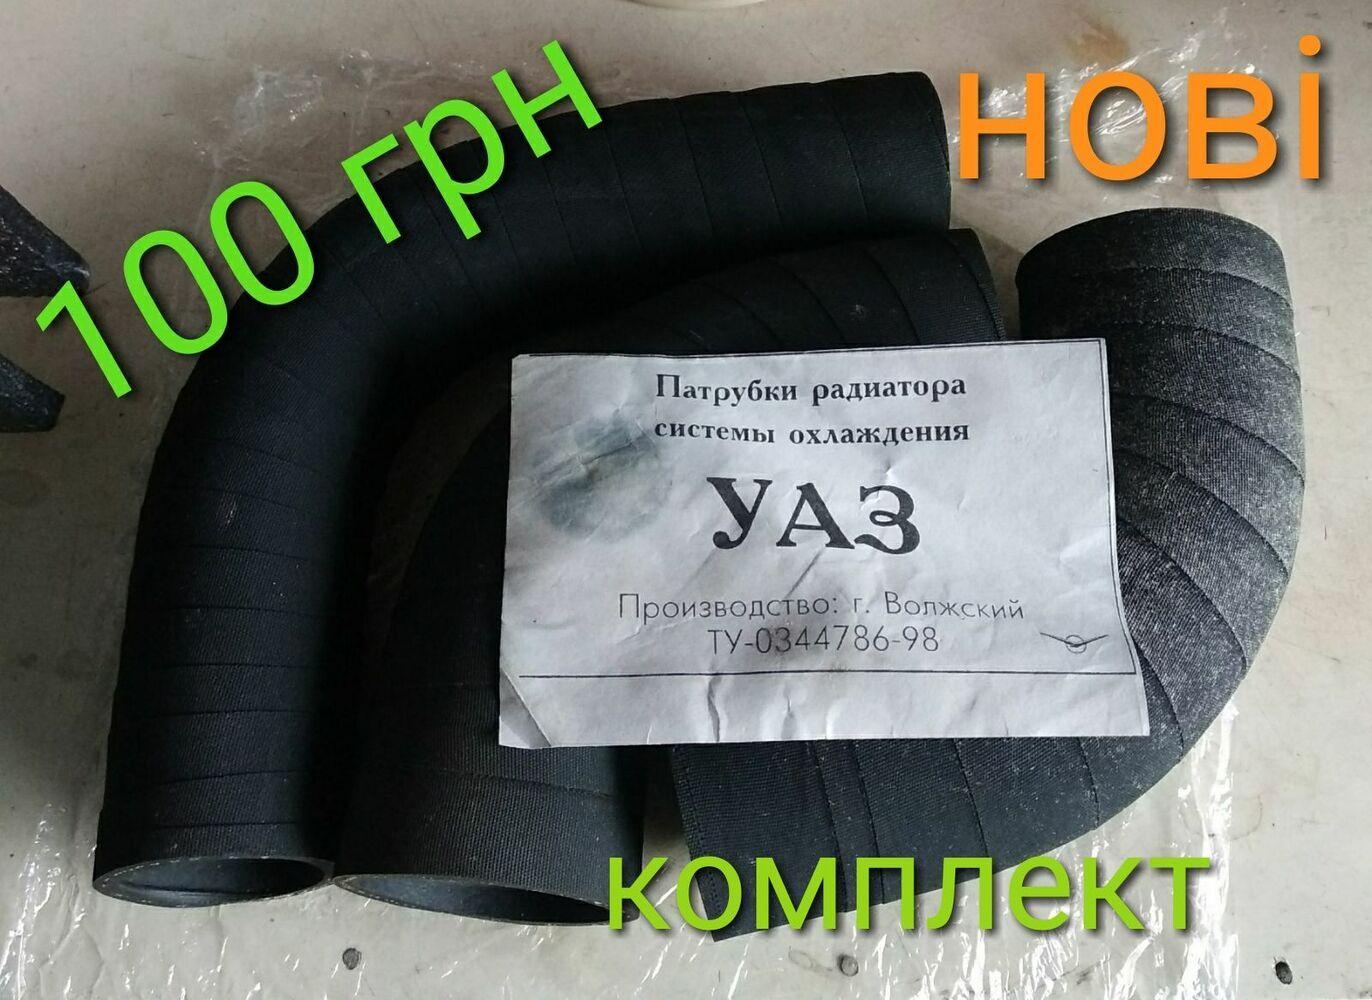 Продам УАЗ : комплект патрубки радіатора нові; гальмівний циліндр задній; шкворень з втулкою.